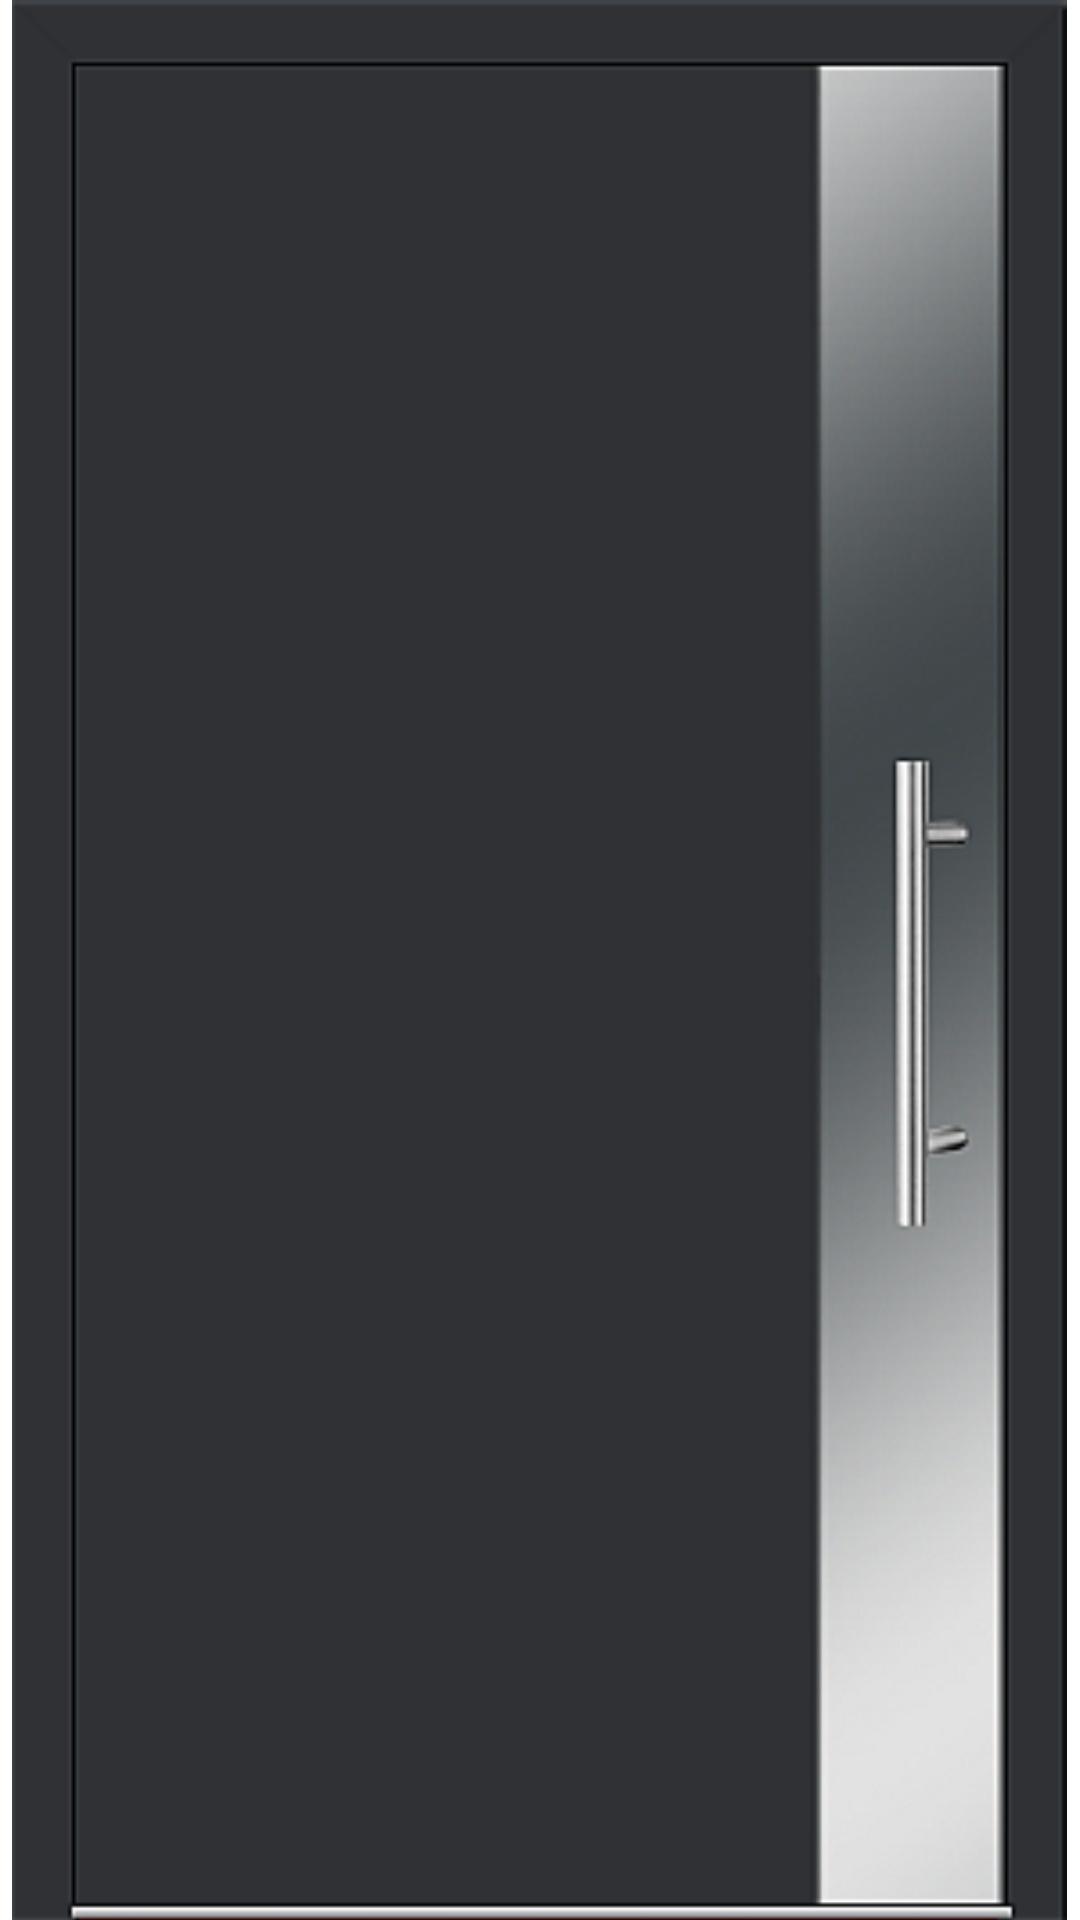 Kunststoff Haustür Modell 6903-97 schwarz